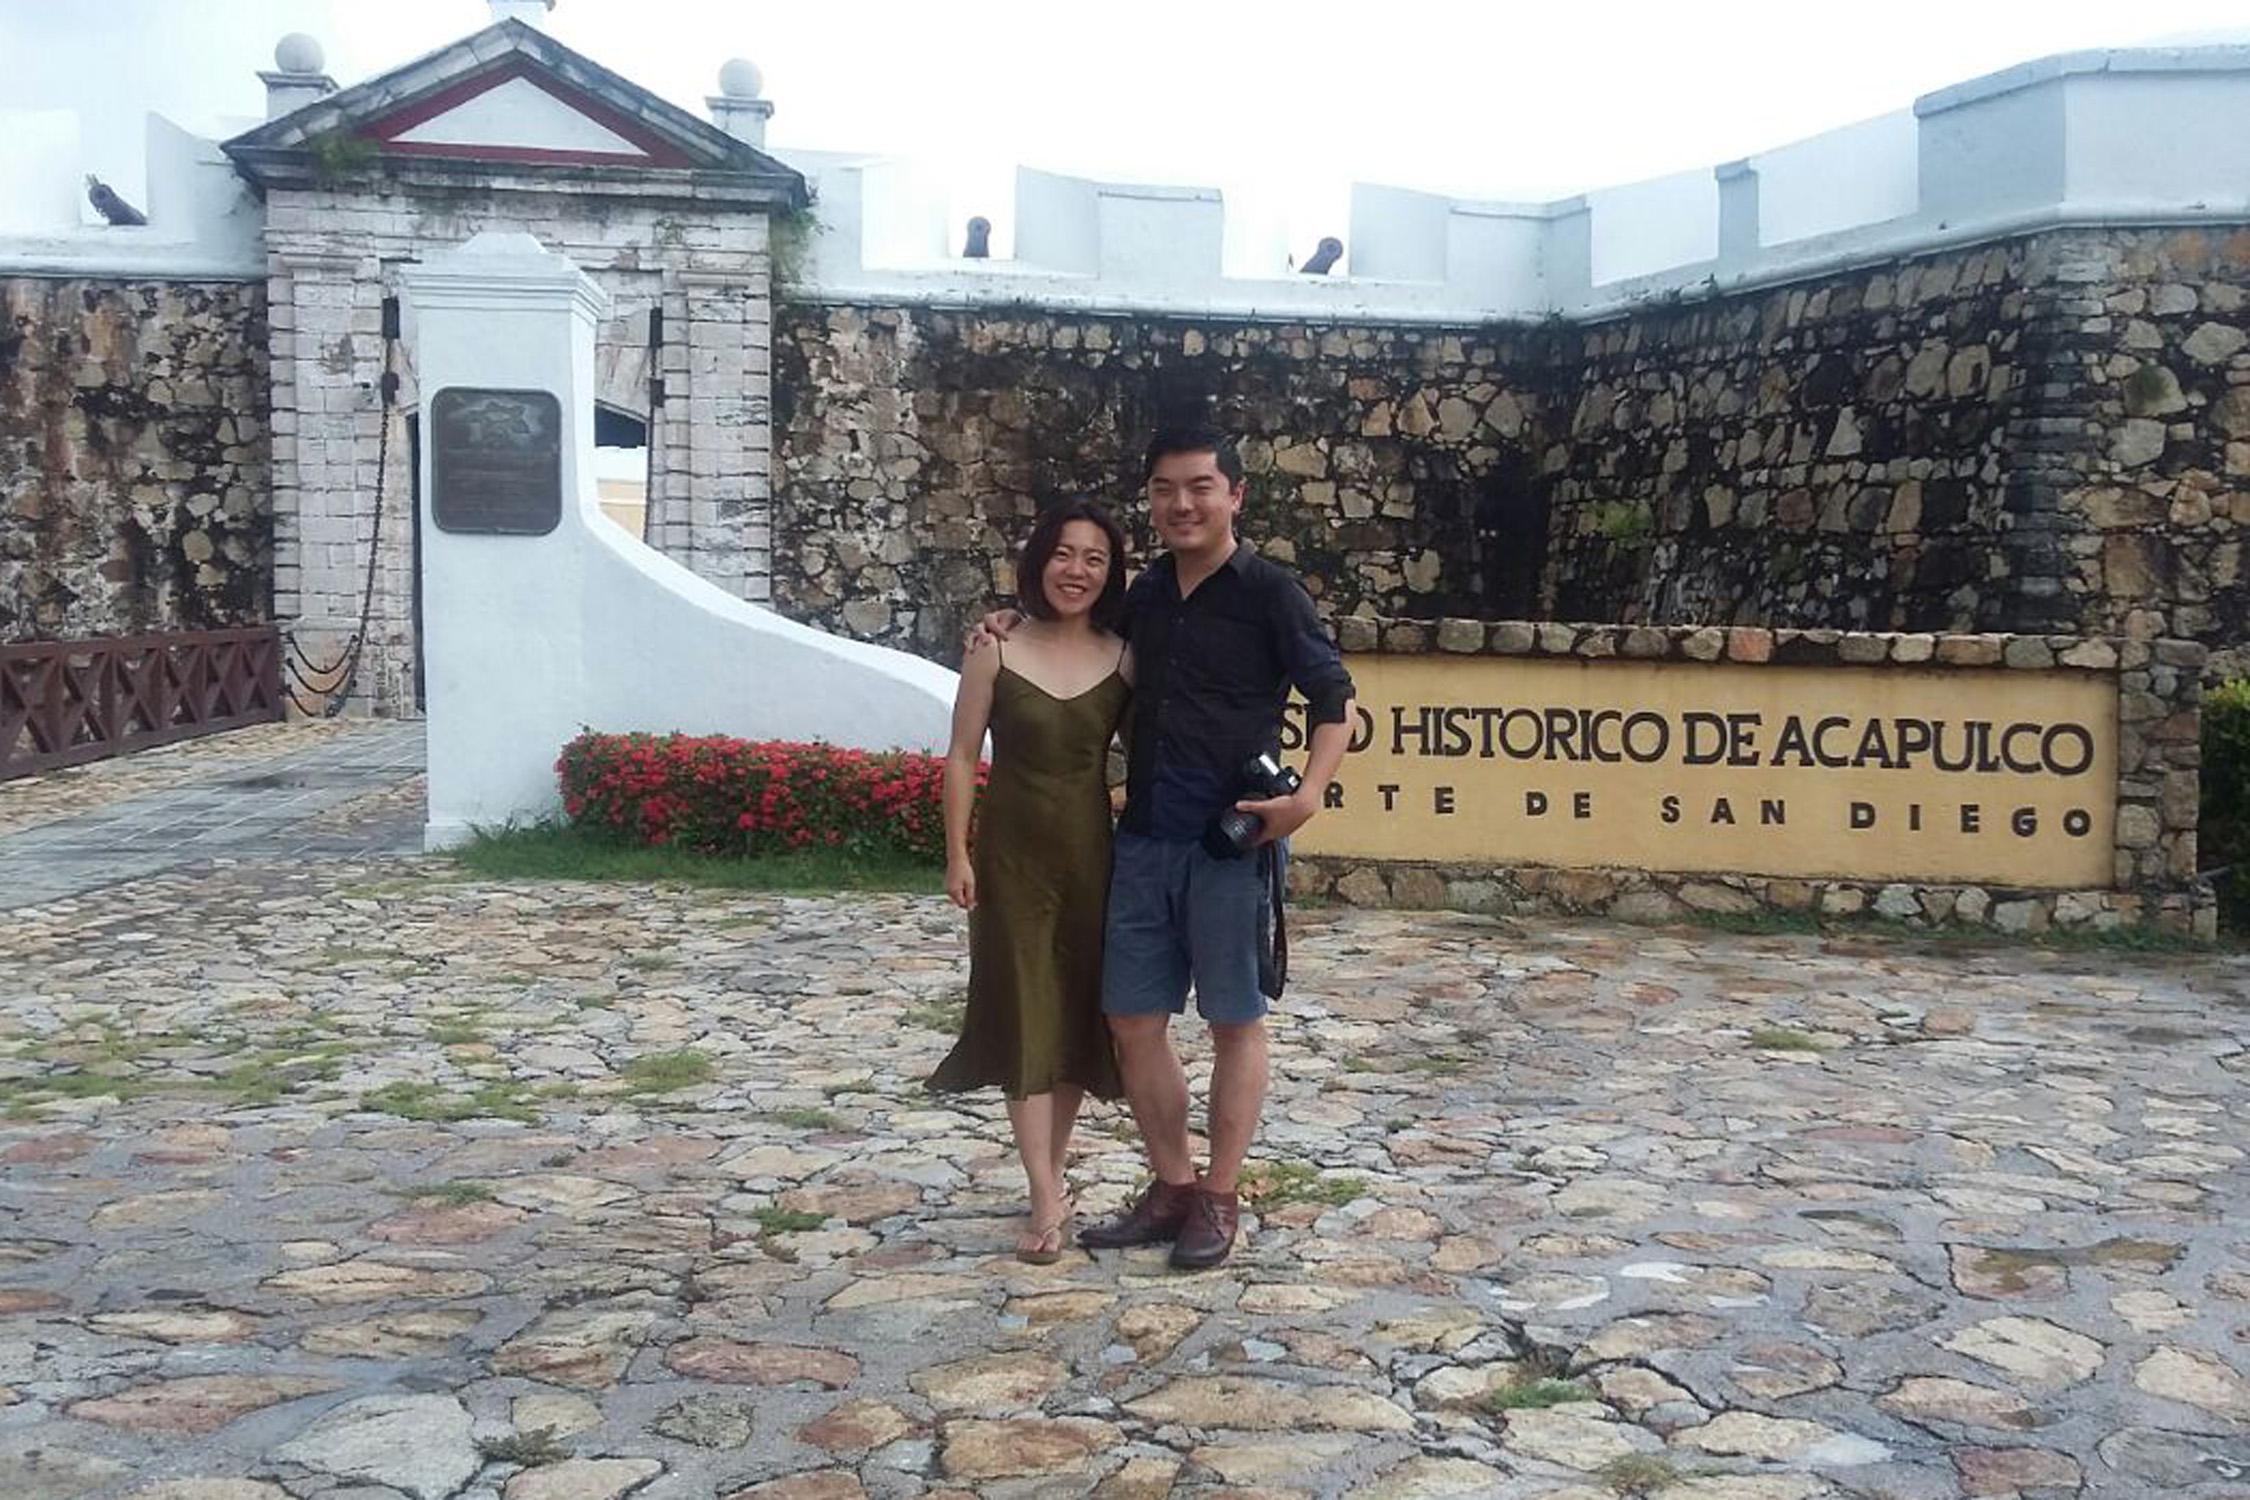 Representantes de la empresa china Kaytrip recorrieron sitios emblemáticos en Acapulco. Se espera que haya visita de turistas asiáticos a partir de  noviembre. El recorrido de los turistas chinos incluirá, luego de tres días de estancia en la Ciudad de México, un día en Taxco y cuatro en Acapulco. Fotos: El Sur